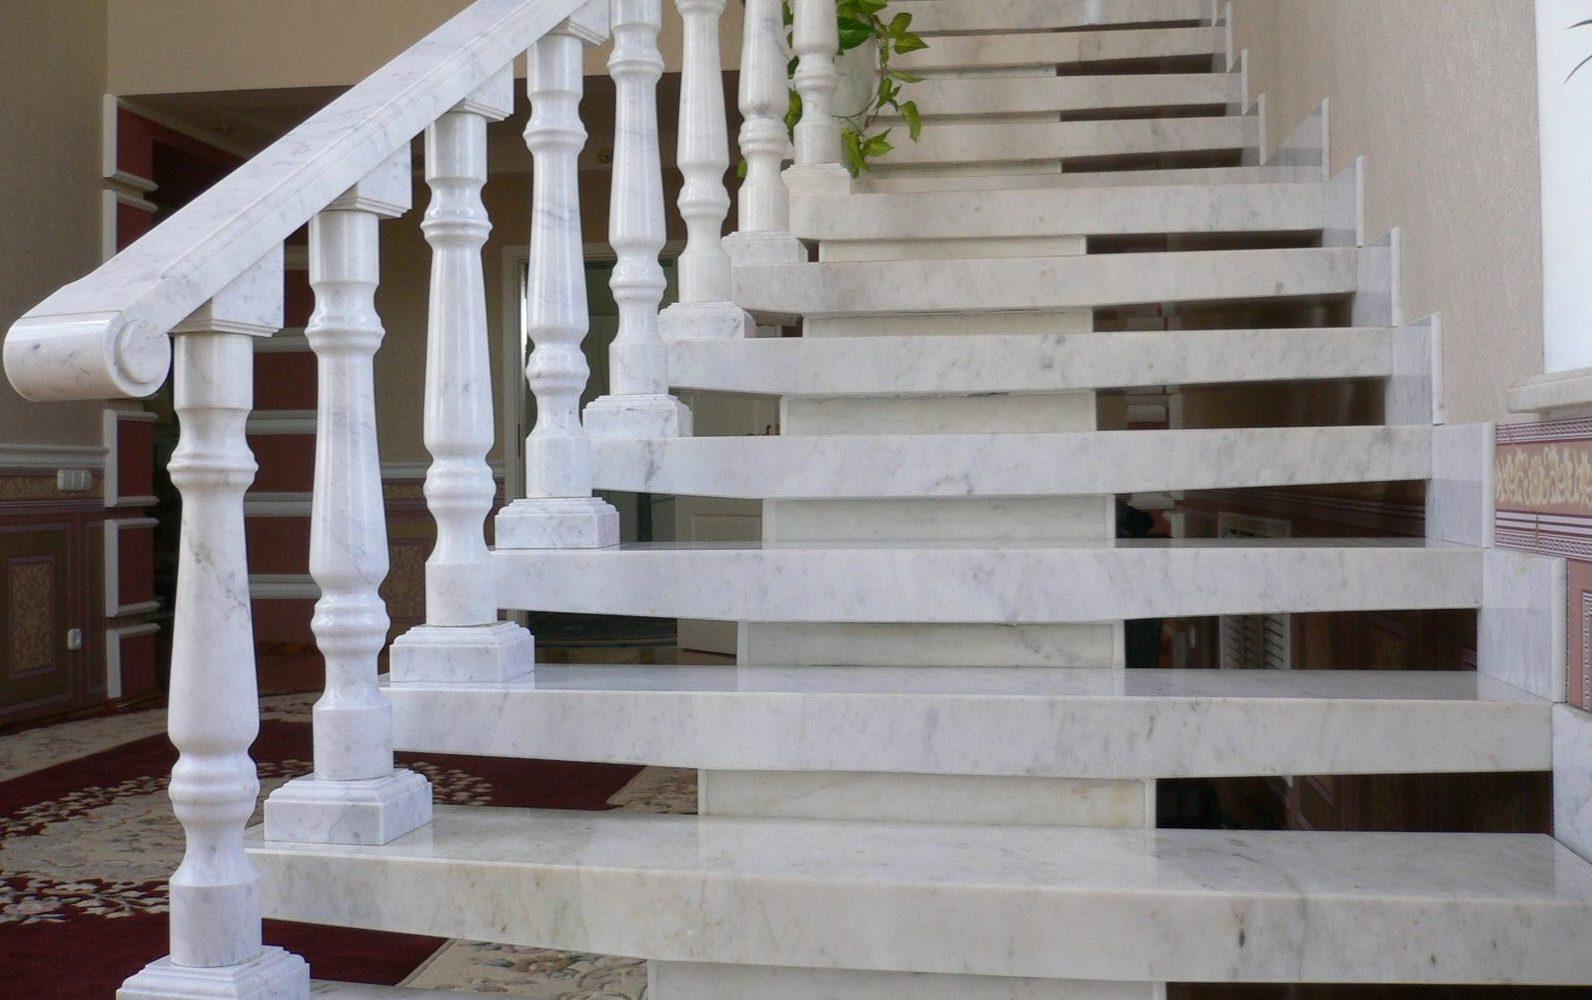 балясины для лестницы дизайн фото